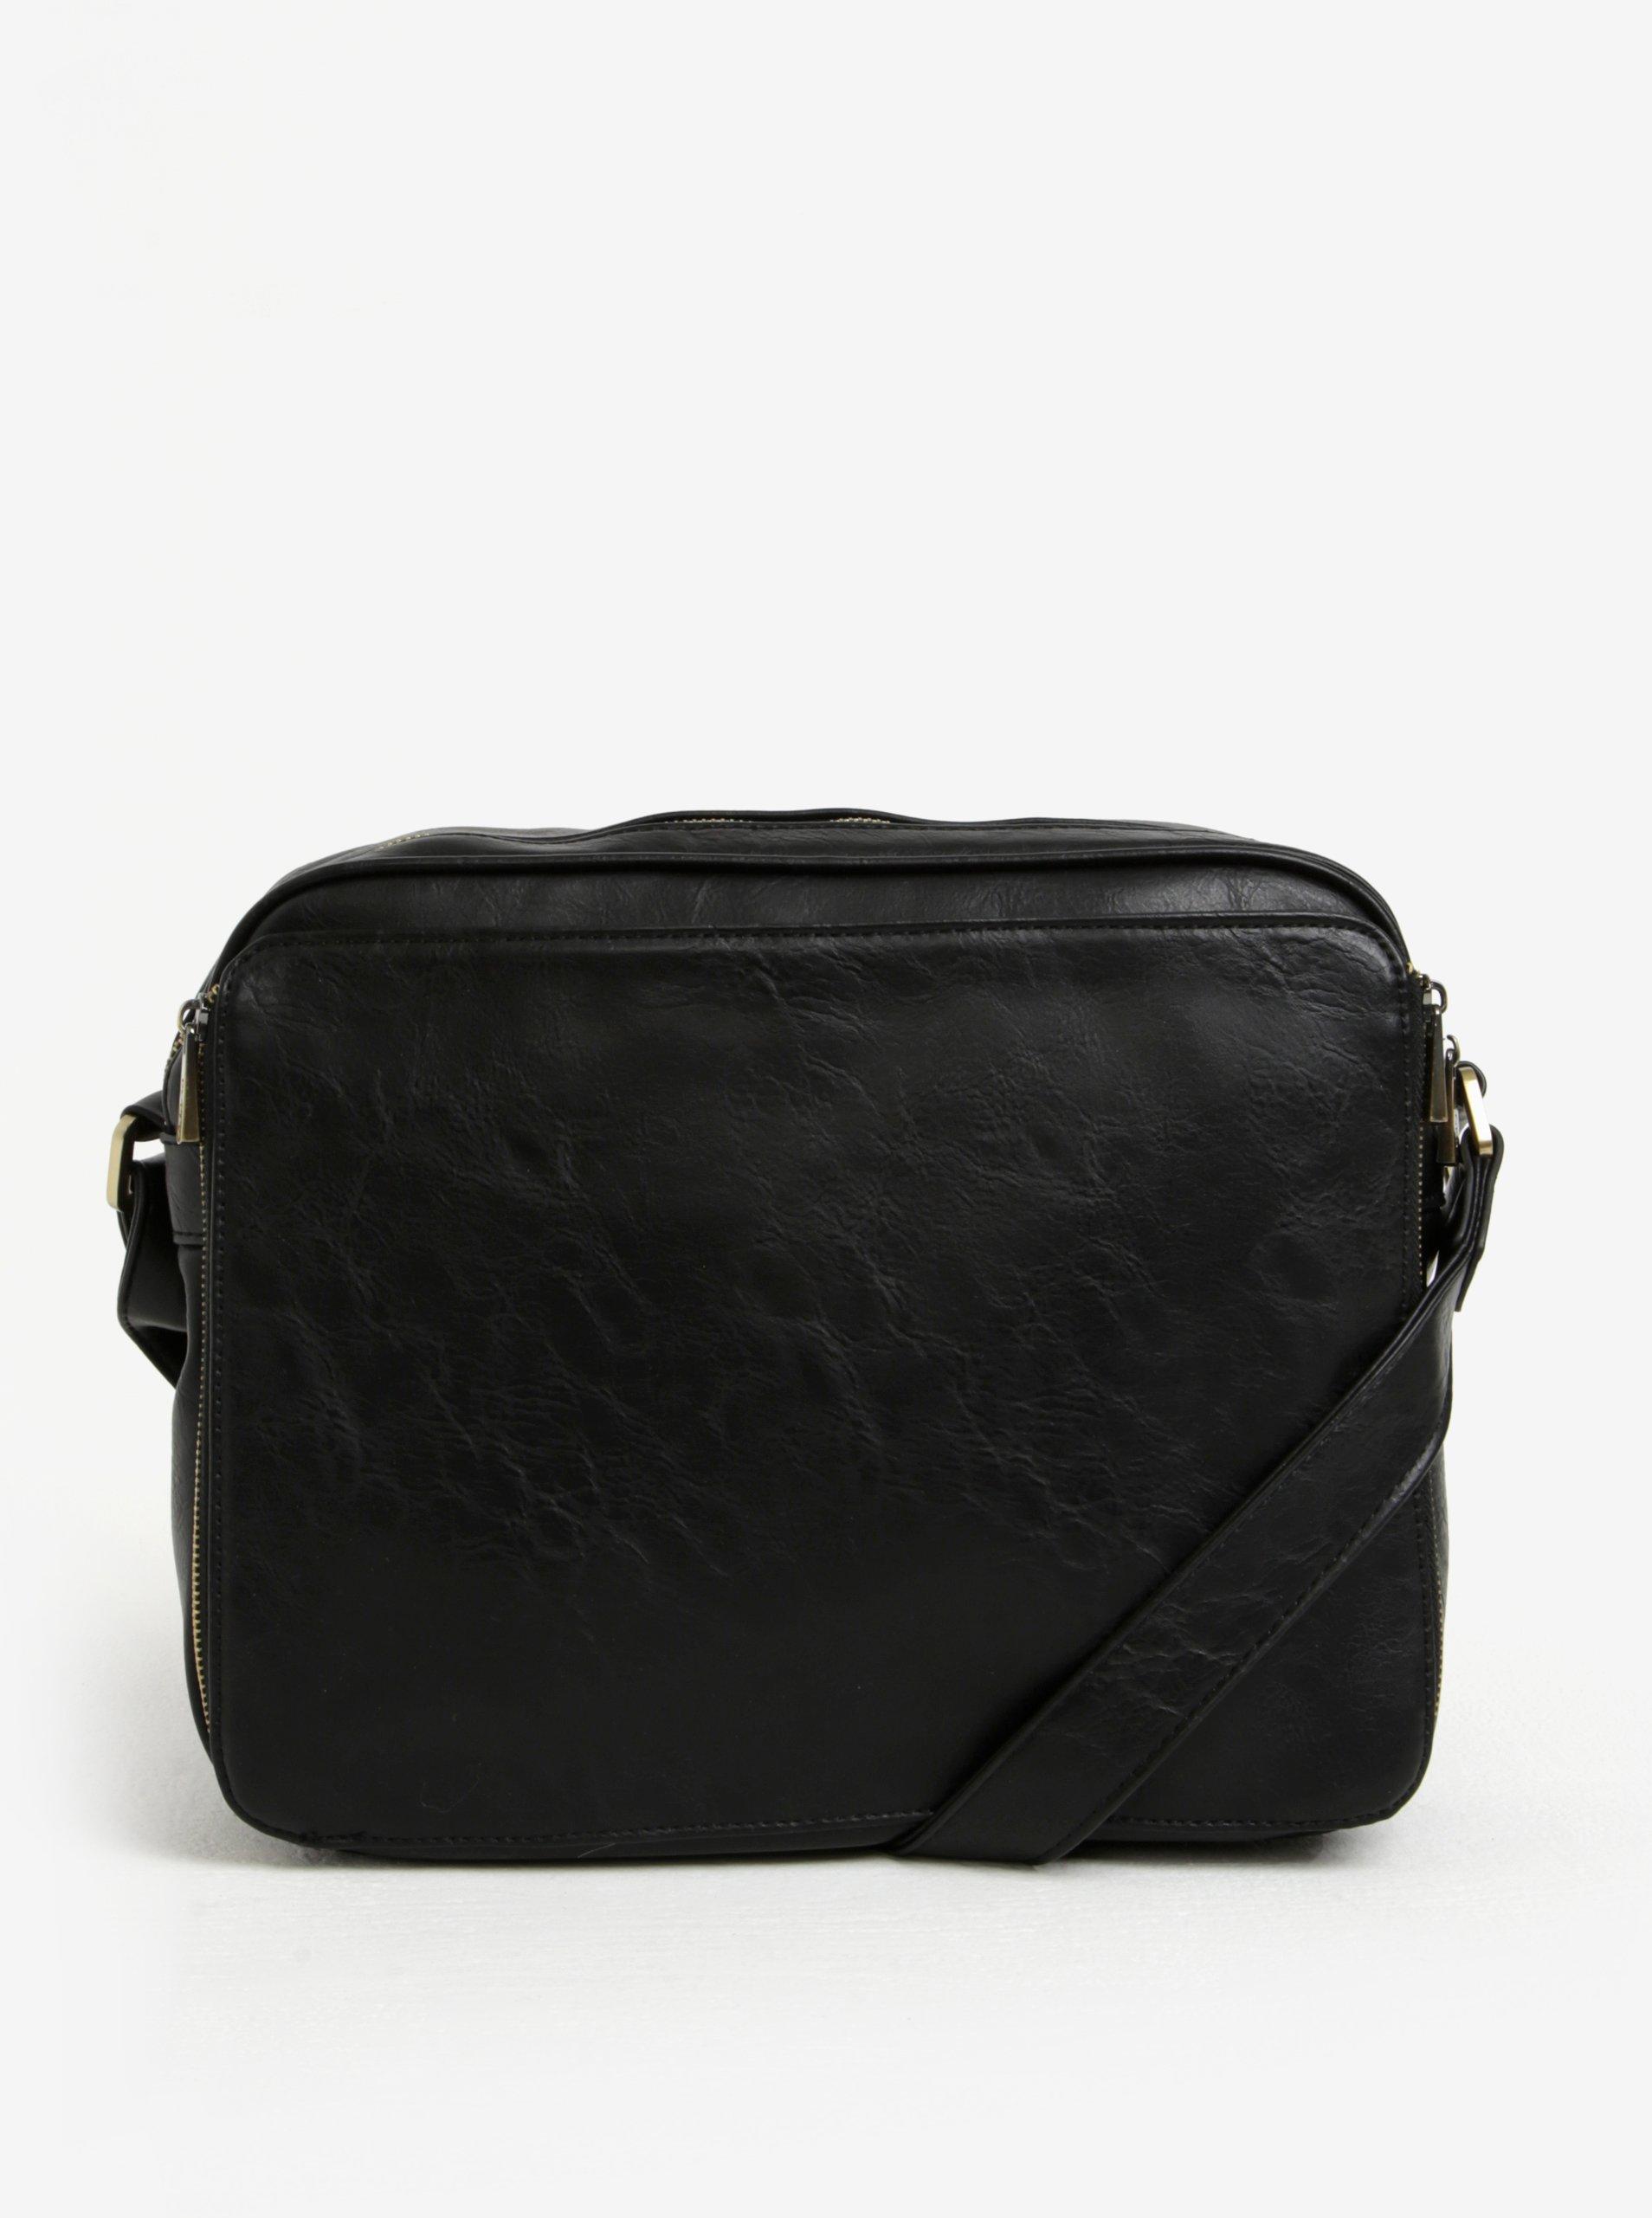 Černá taška přes rameno s detaily ve zlaté barvě Bobby Black 070bb77fb4e